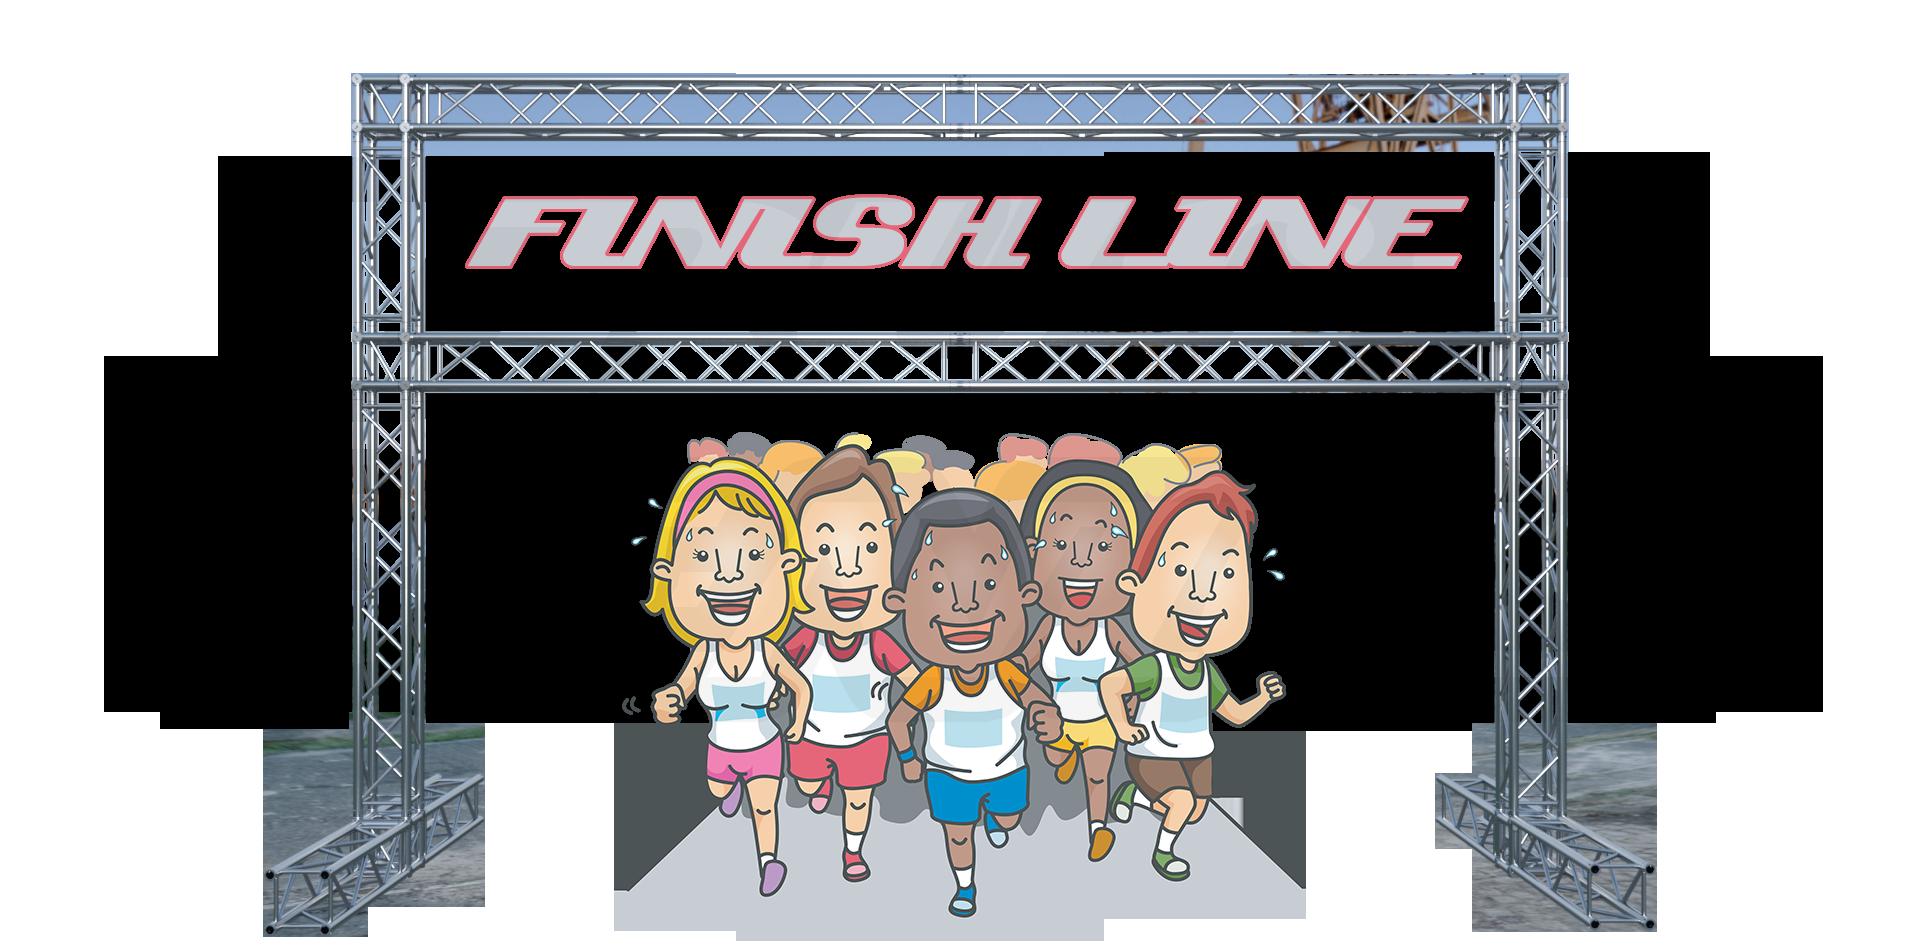 marathon finish lines, truss finish lines, aluminum truss, 5k run, milos, global truss, road races, multi sport, events, race equipment, obstacle course races, trail race